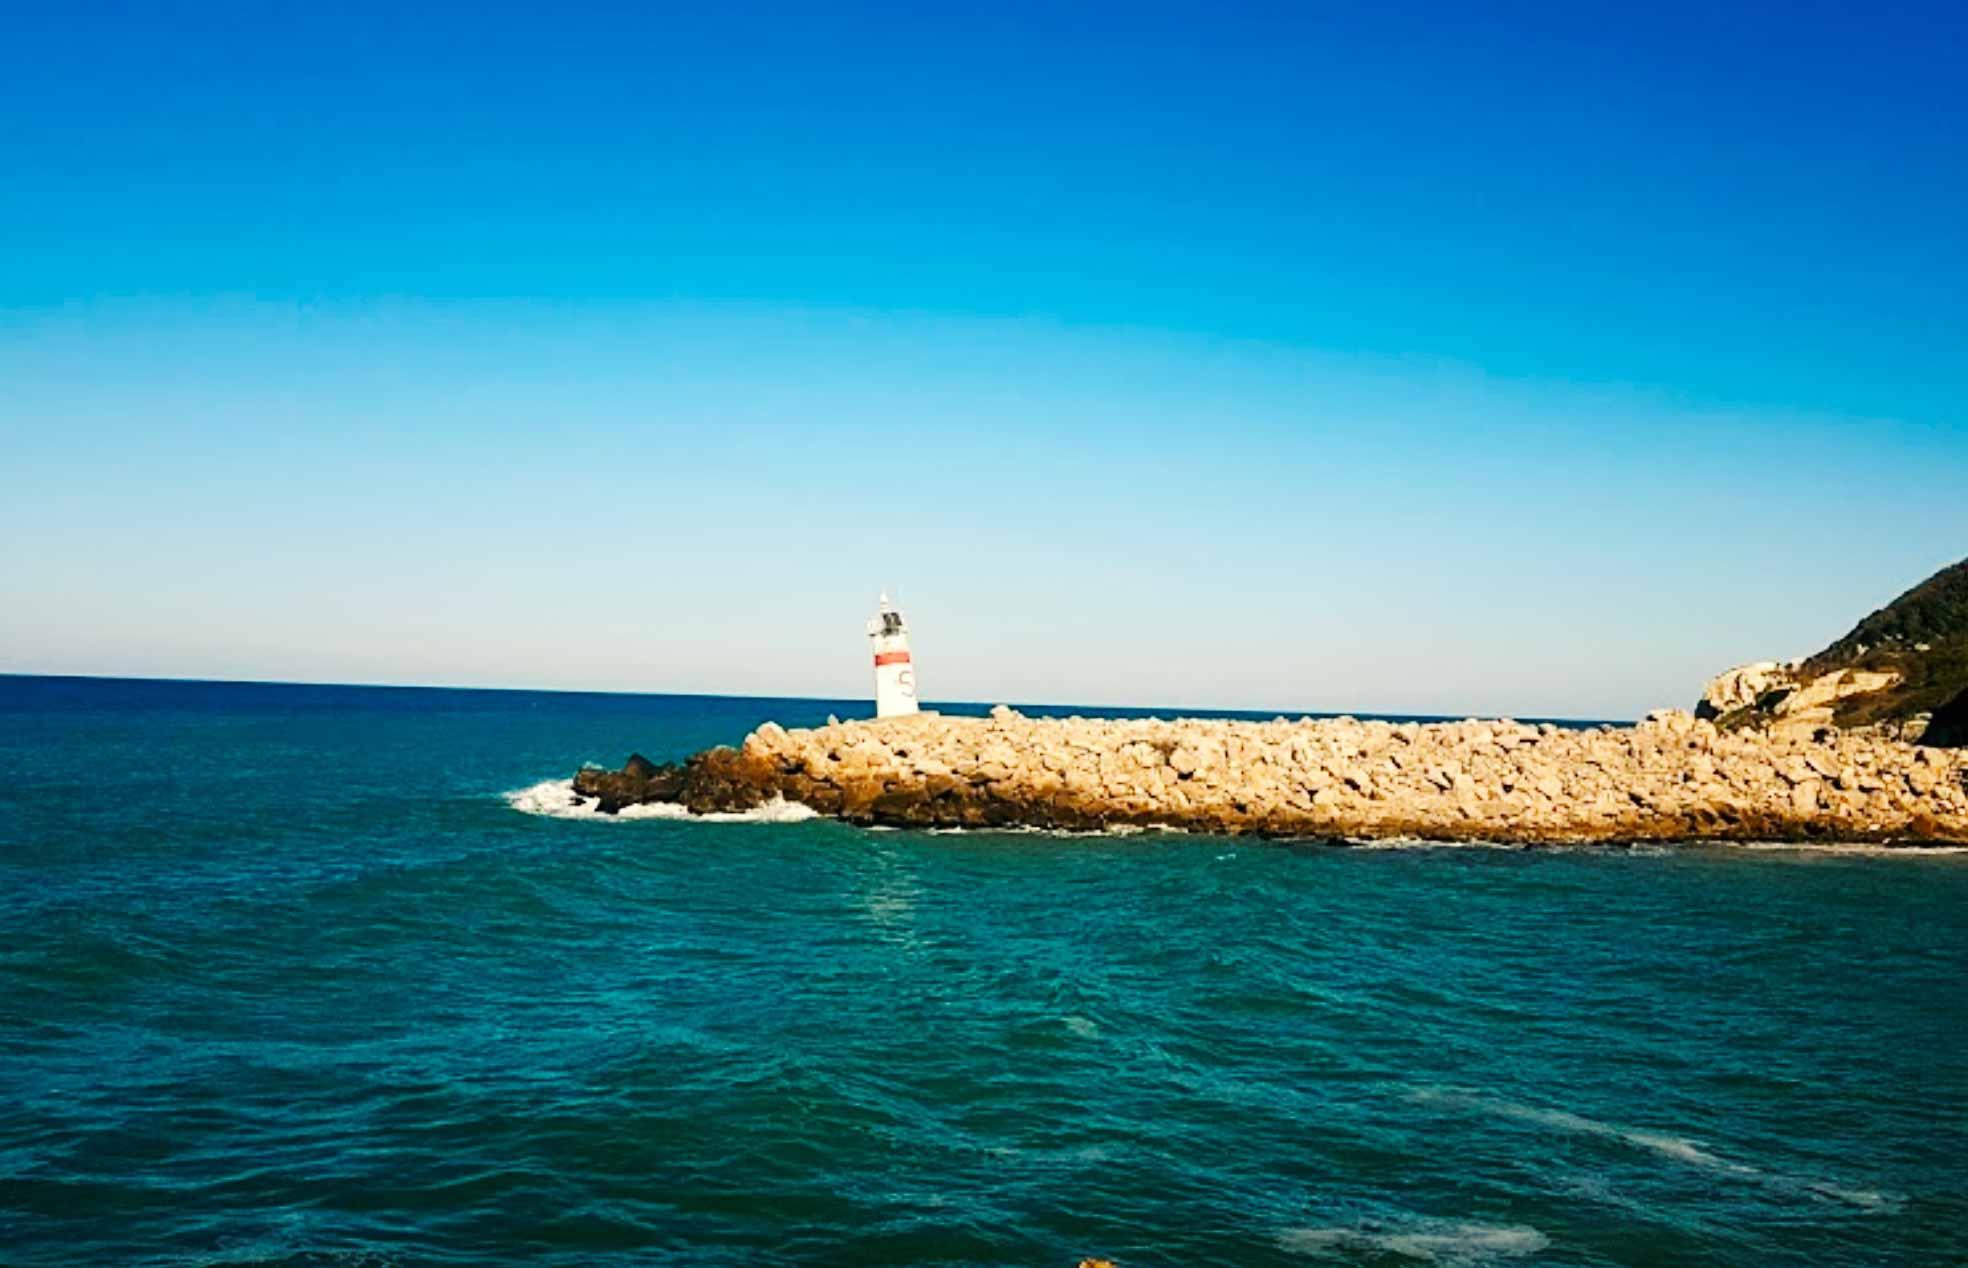 Ağva deniz feneri özçekimler için harika bir mekan.